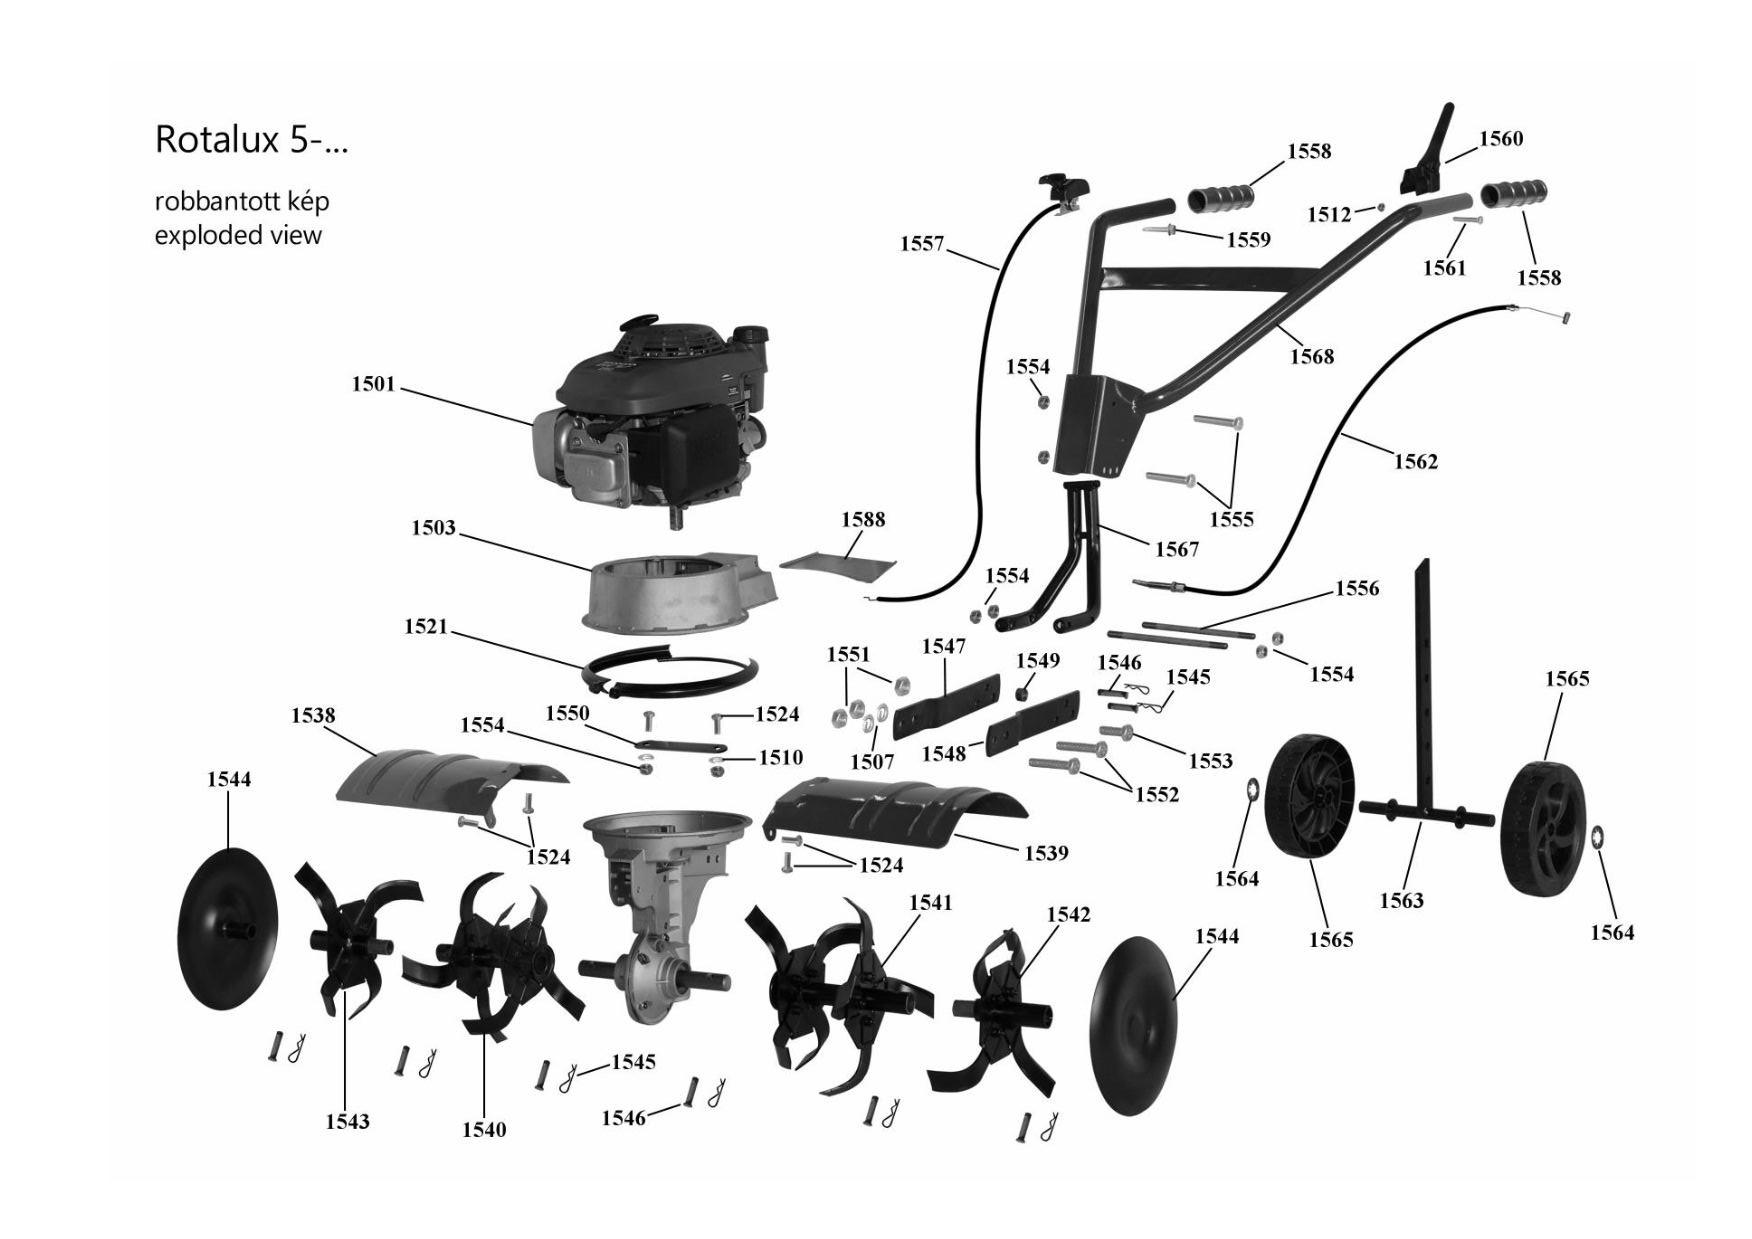 Agrimotor® 55034881 kuplung bowden - Rotalux52A / Rotalux5 - szemes - rotációs kapálógép - 1782 - 1562 - eredeti minőségi alkatrész*